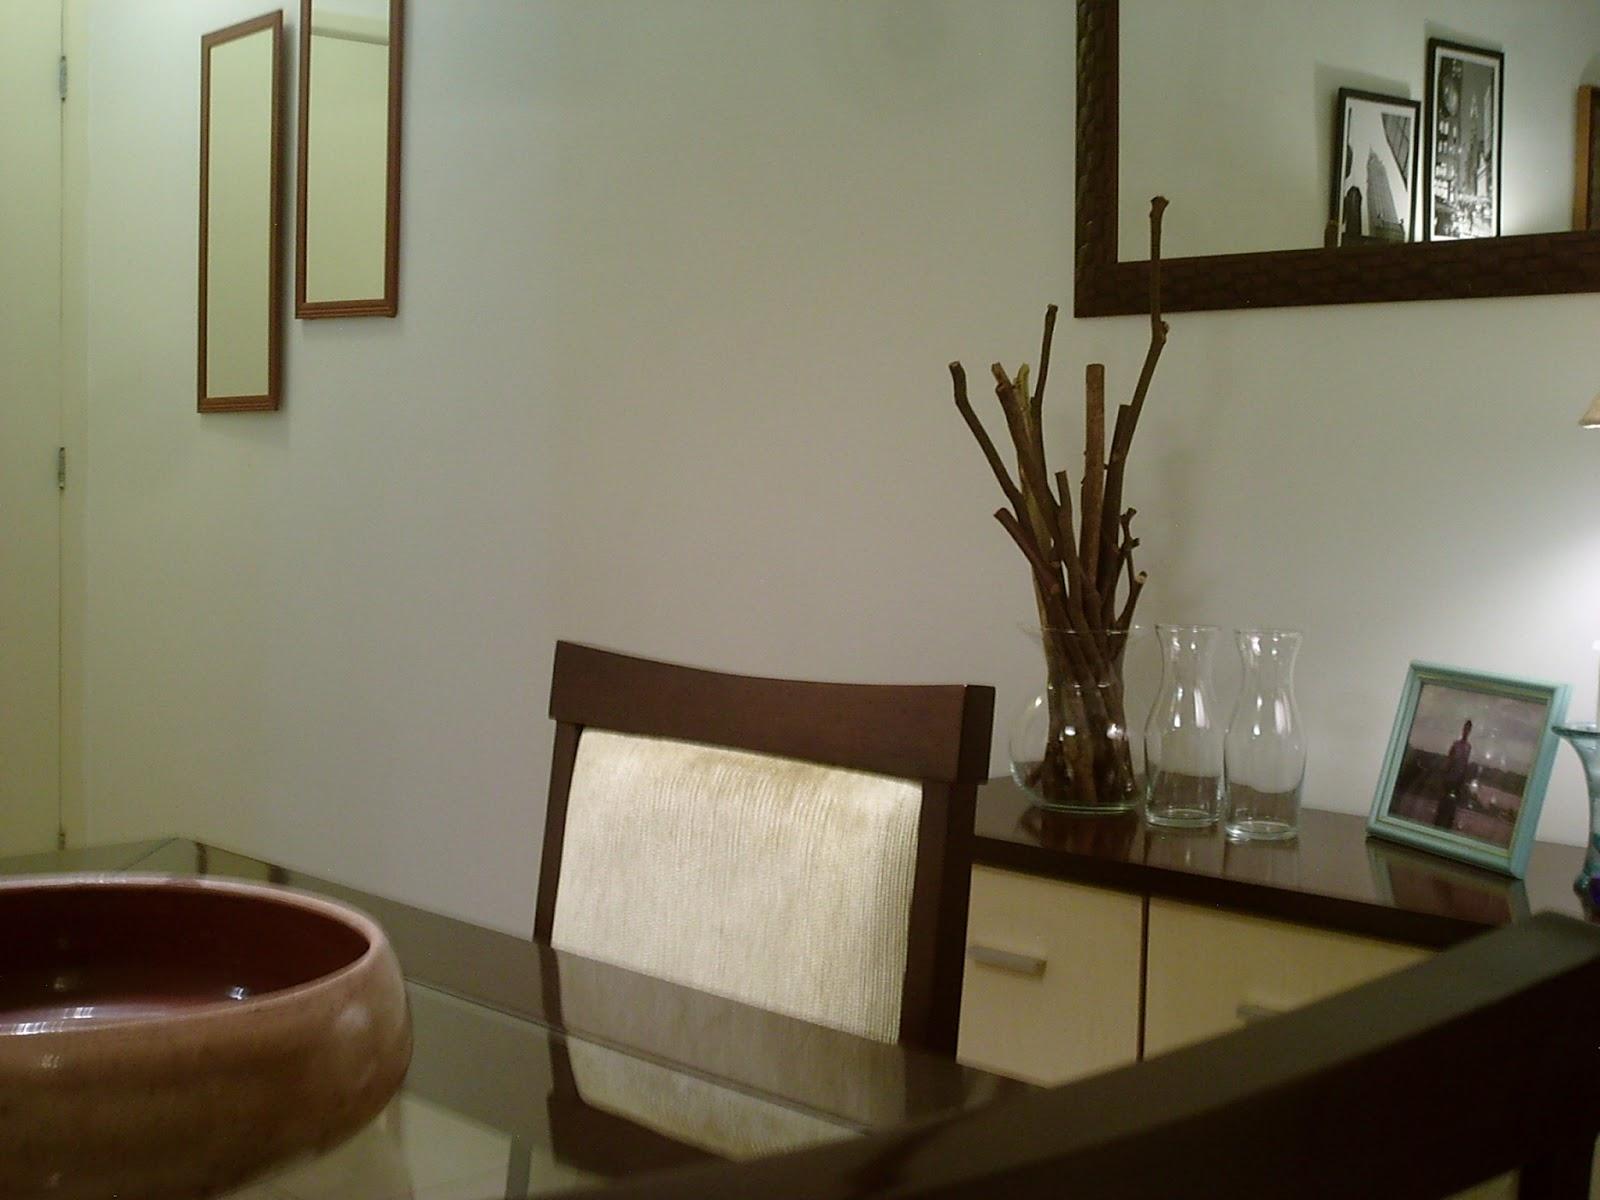 Uma ideia para decoração: Decorando a sala de jantar #2C1D0E 1600x1200